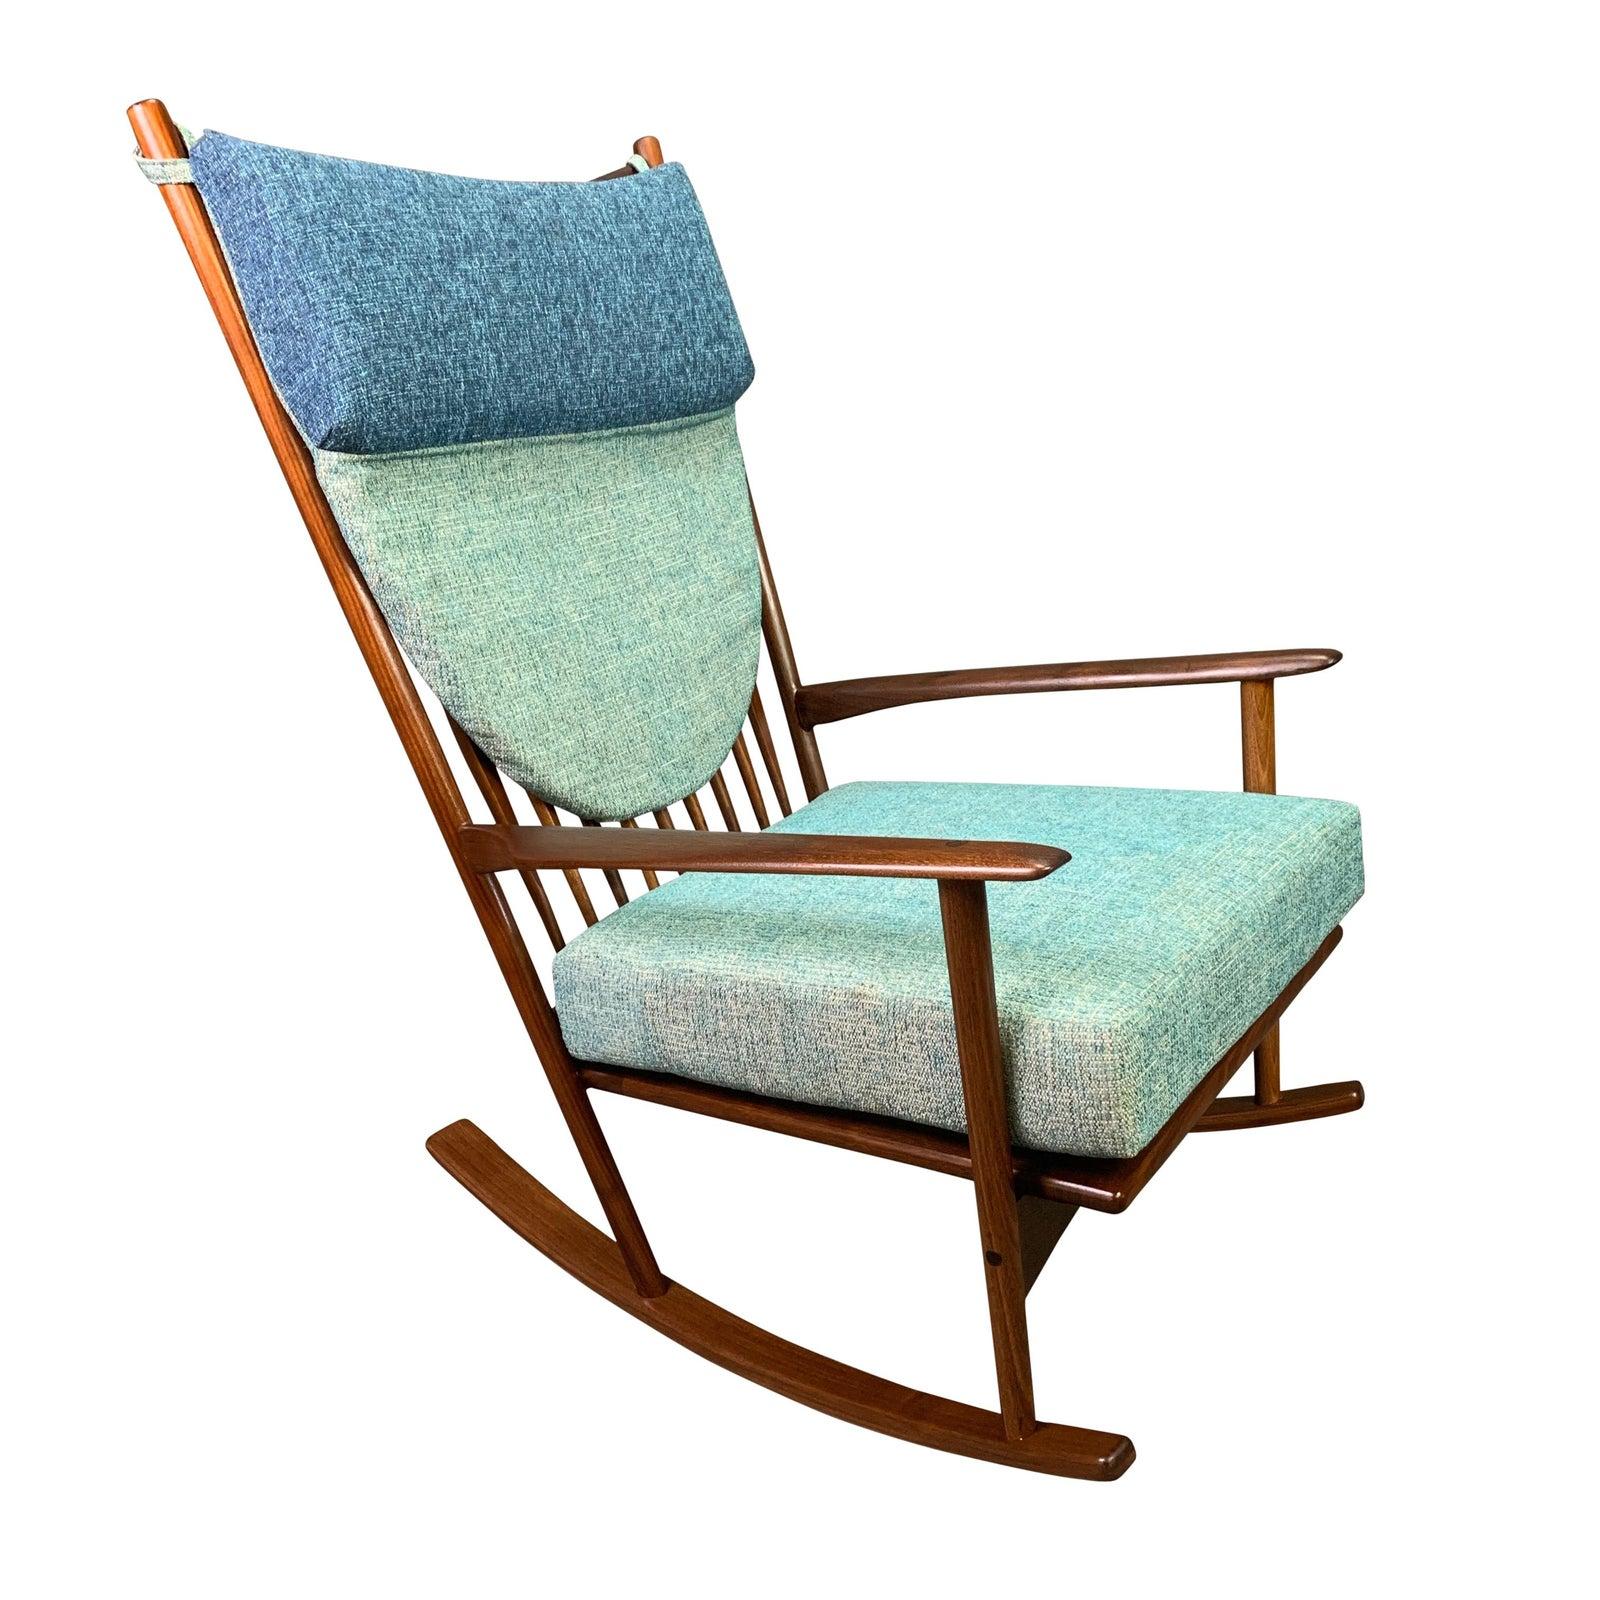 Vintage Danish Mid Century Modern Walnut Rocking Chair